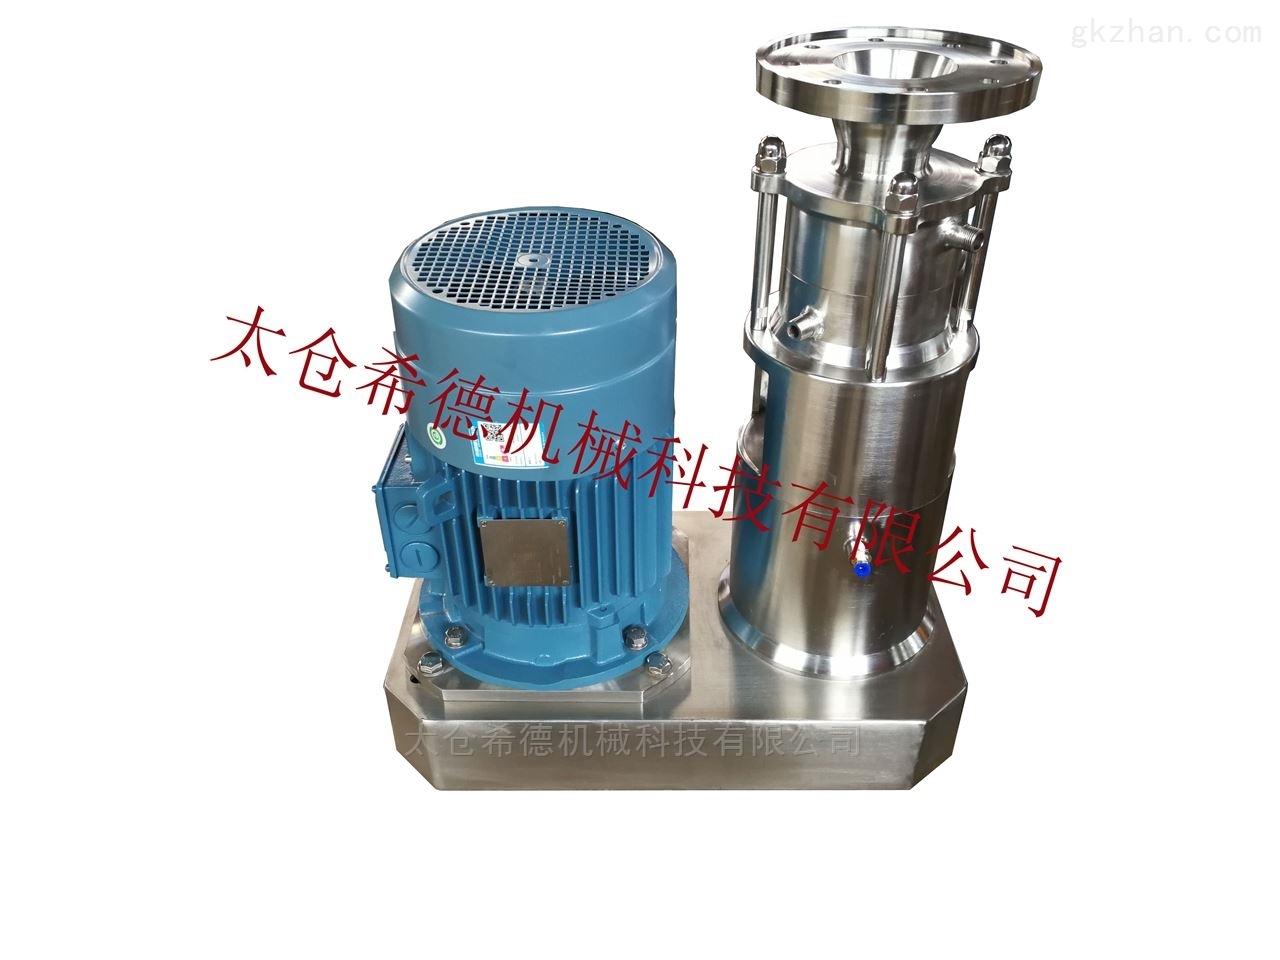 超细粒化肥研磨分散机